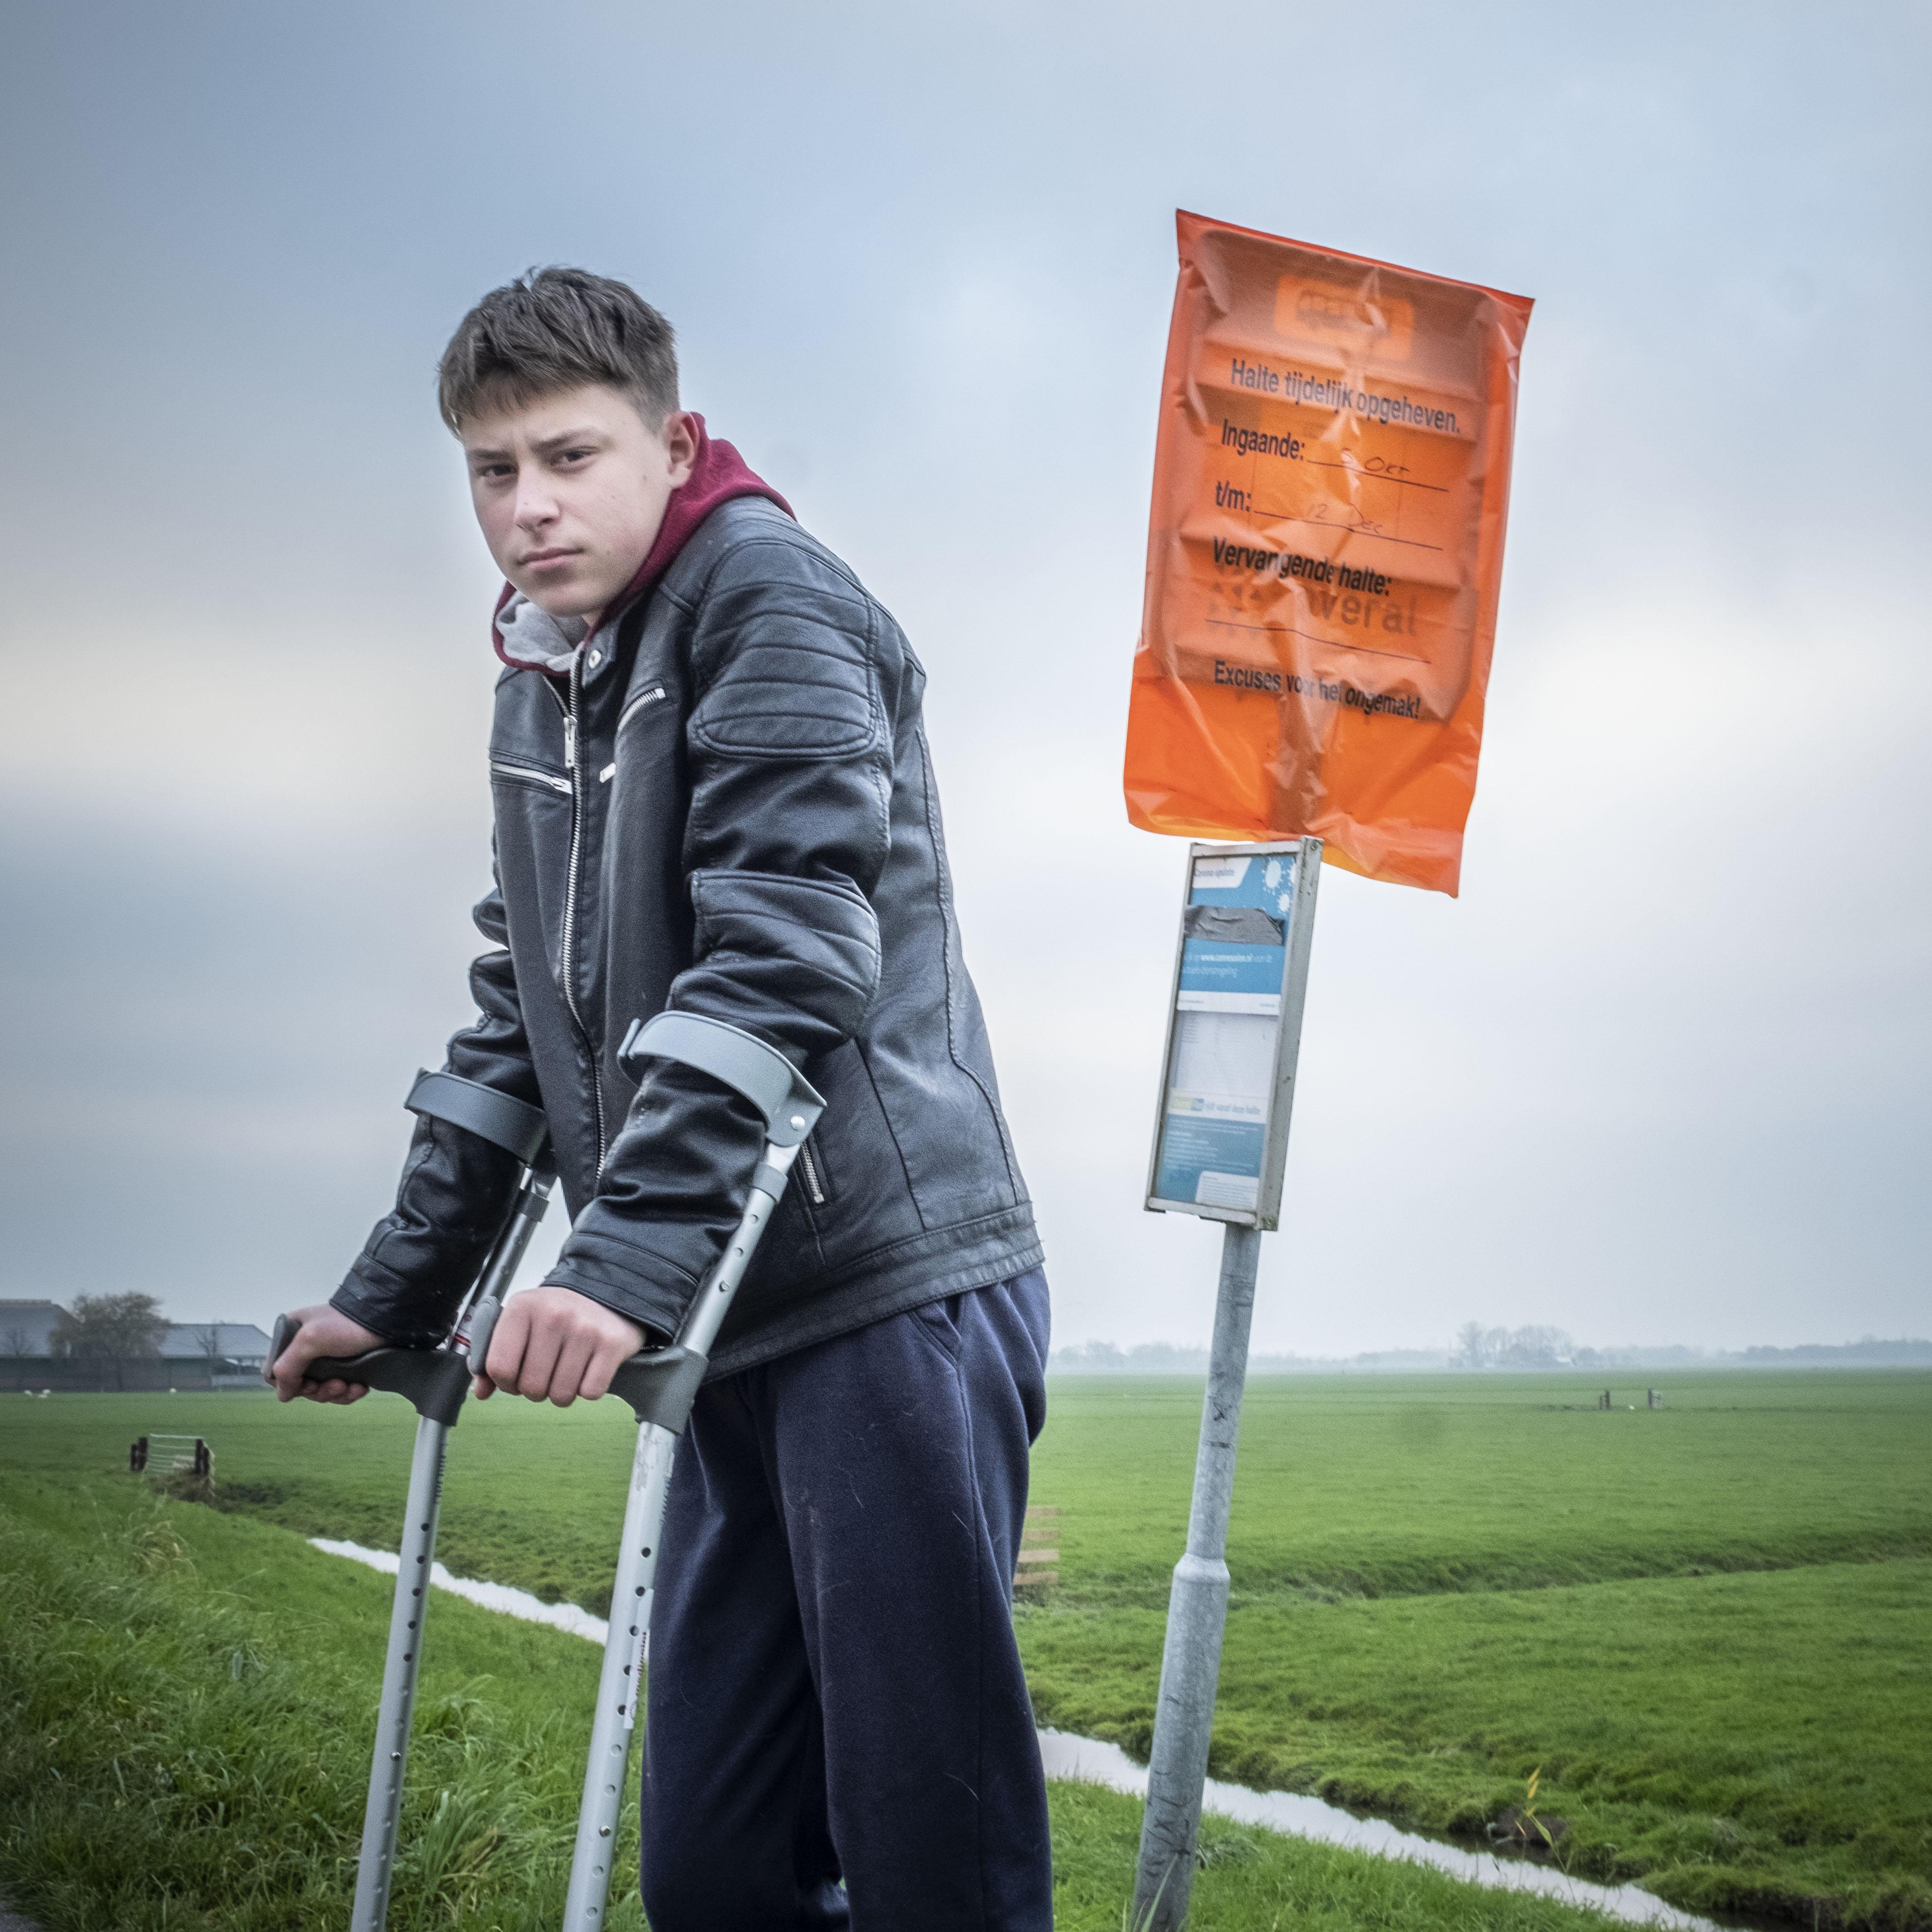 Burgemeester van Alkmaar regelt persoonlijk een taxi voor Wouter (15) die niet op school kon komen